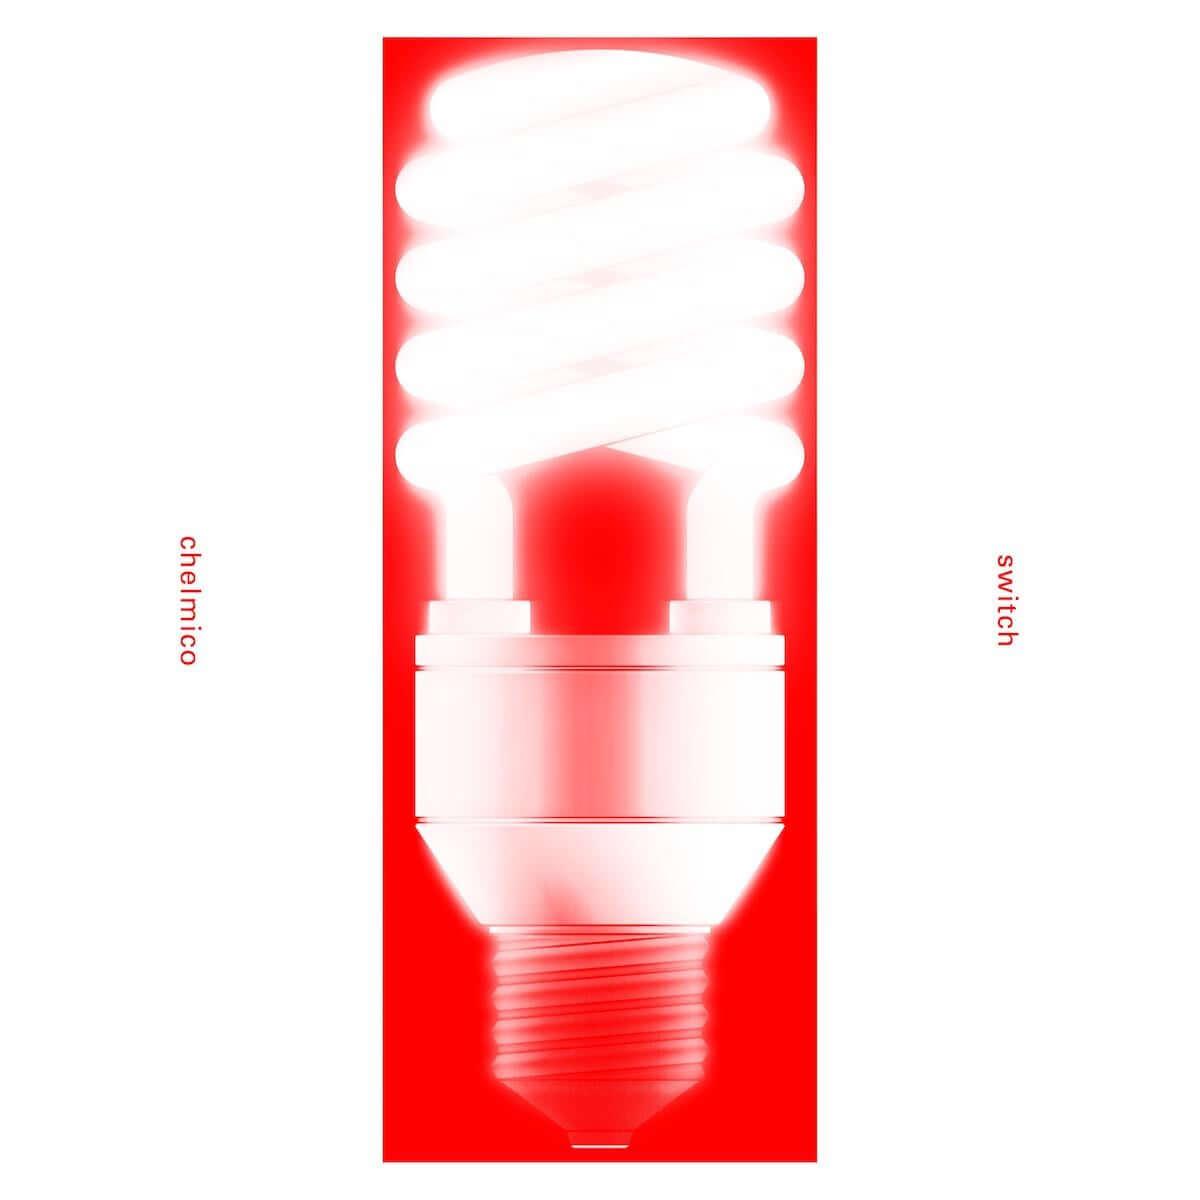 chelmico、新曲「switch」を5月17日配信リリース|同日から2日連続でツーマンイベント開催 music190405_chelmico_main-1200x1200